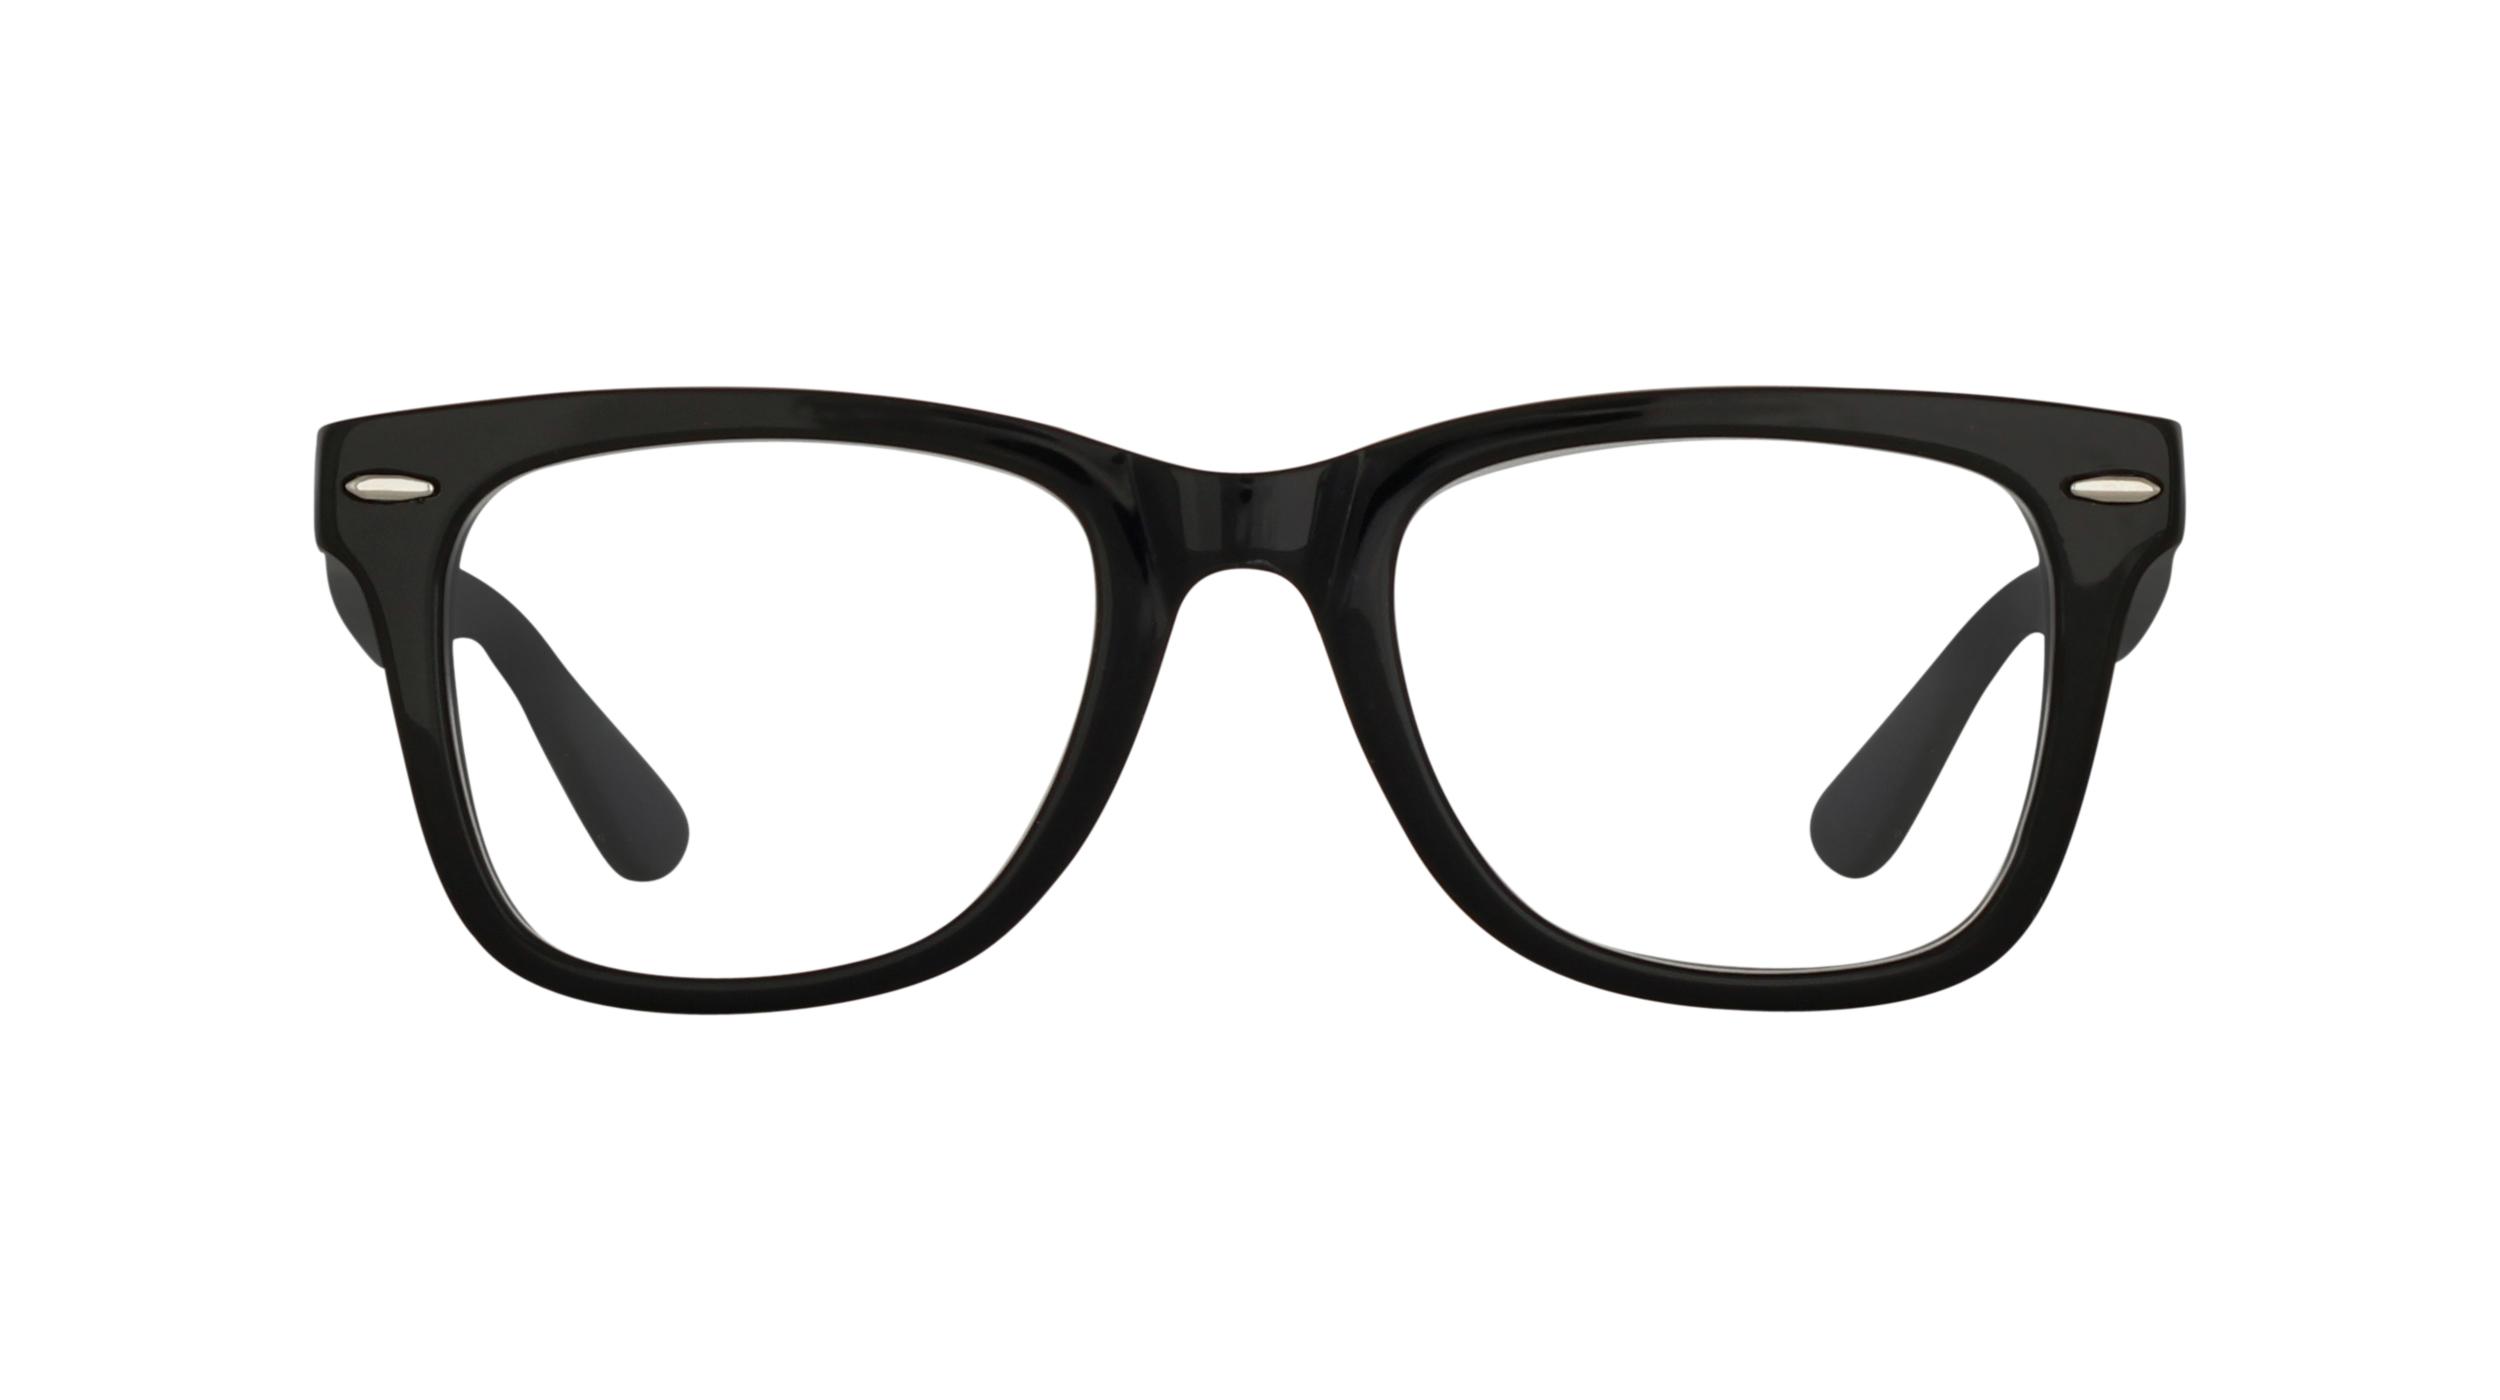 Oakley Nerd Glasses | Louisiana Bucket Brigade